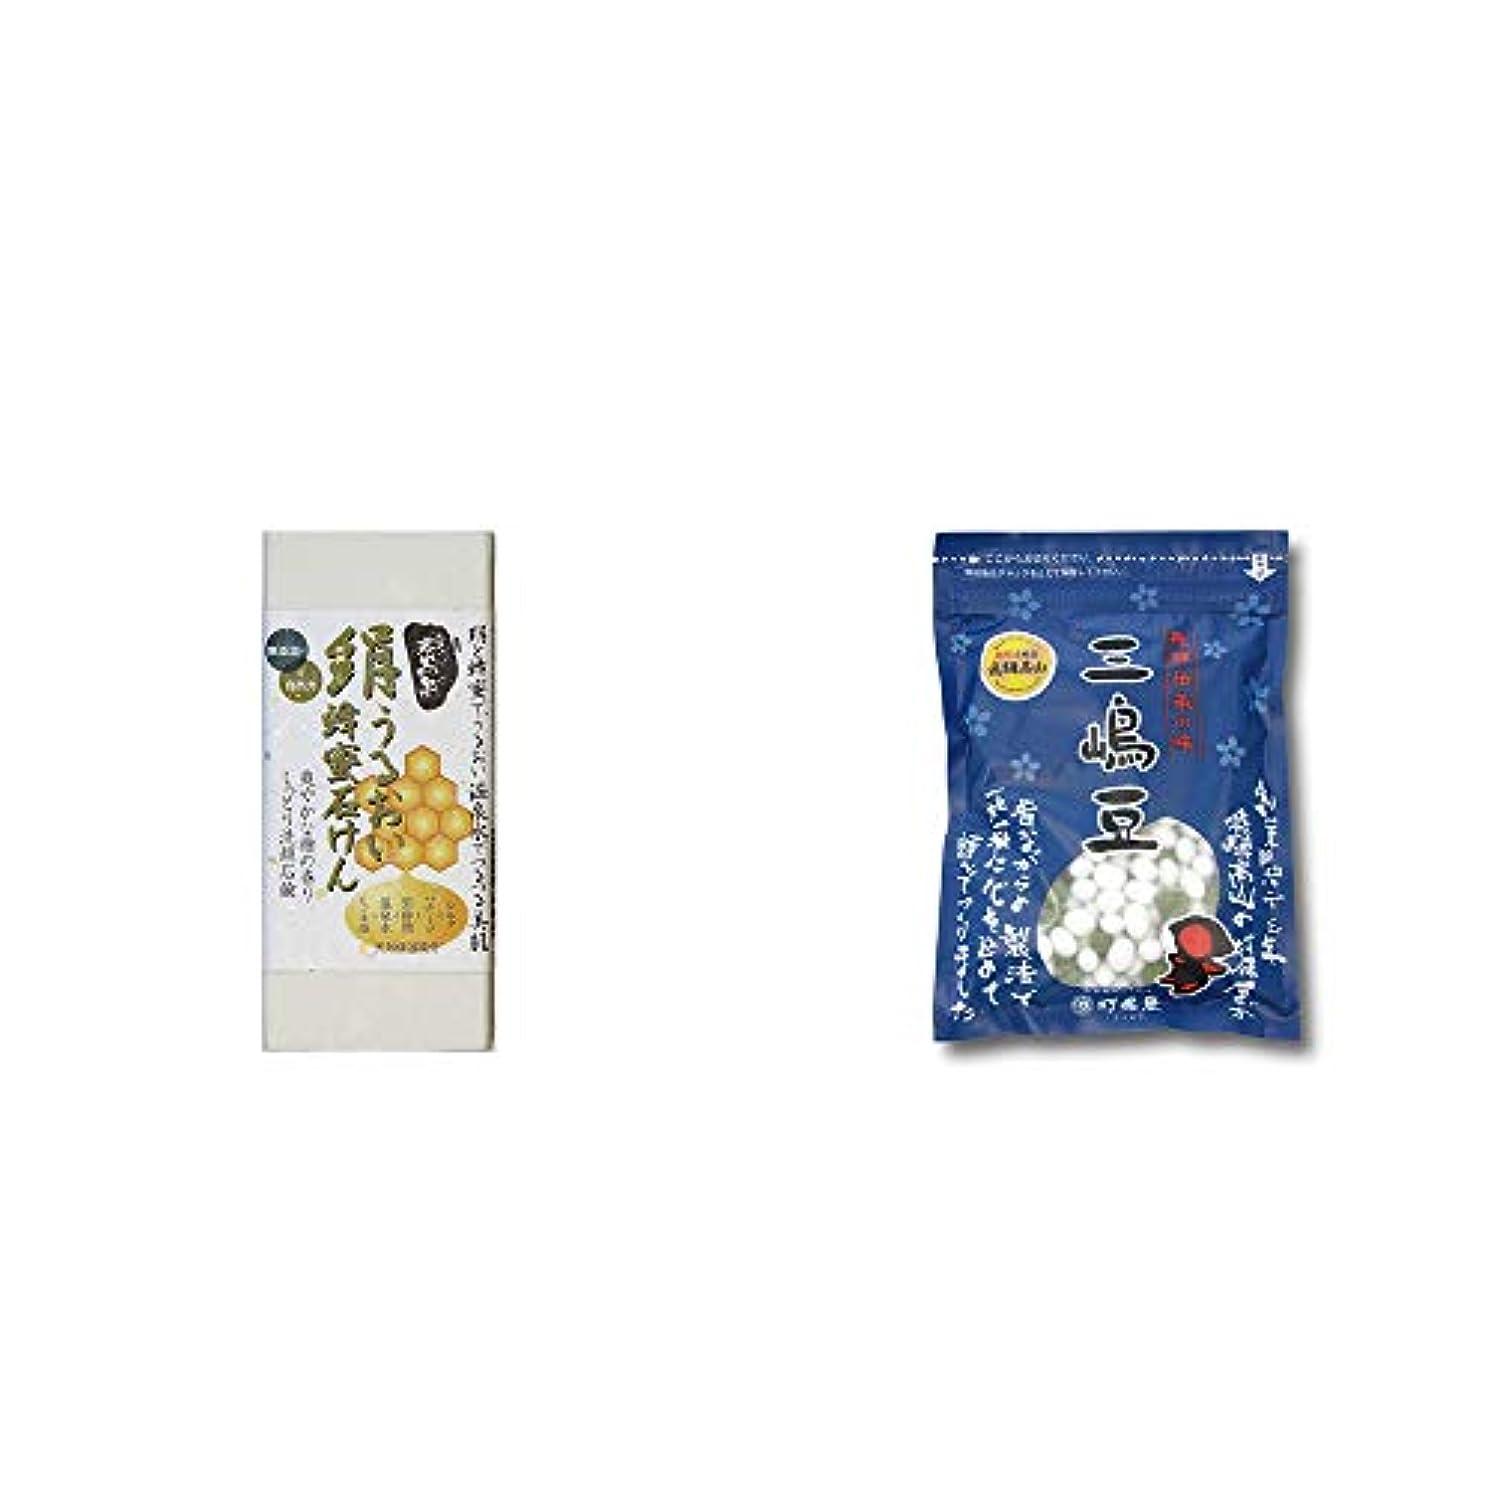 湿った乱す陽気な[2点セット] ひのき炭黒泉 絹うるおい蜂蜜石けん(75g×2)?飛騨 打保屋 駄菓子 三嶋豆(150g)